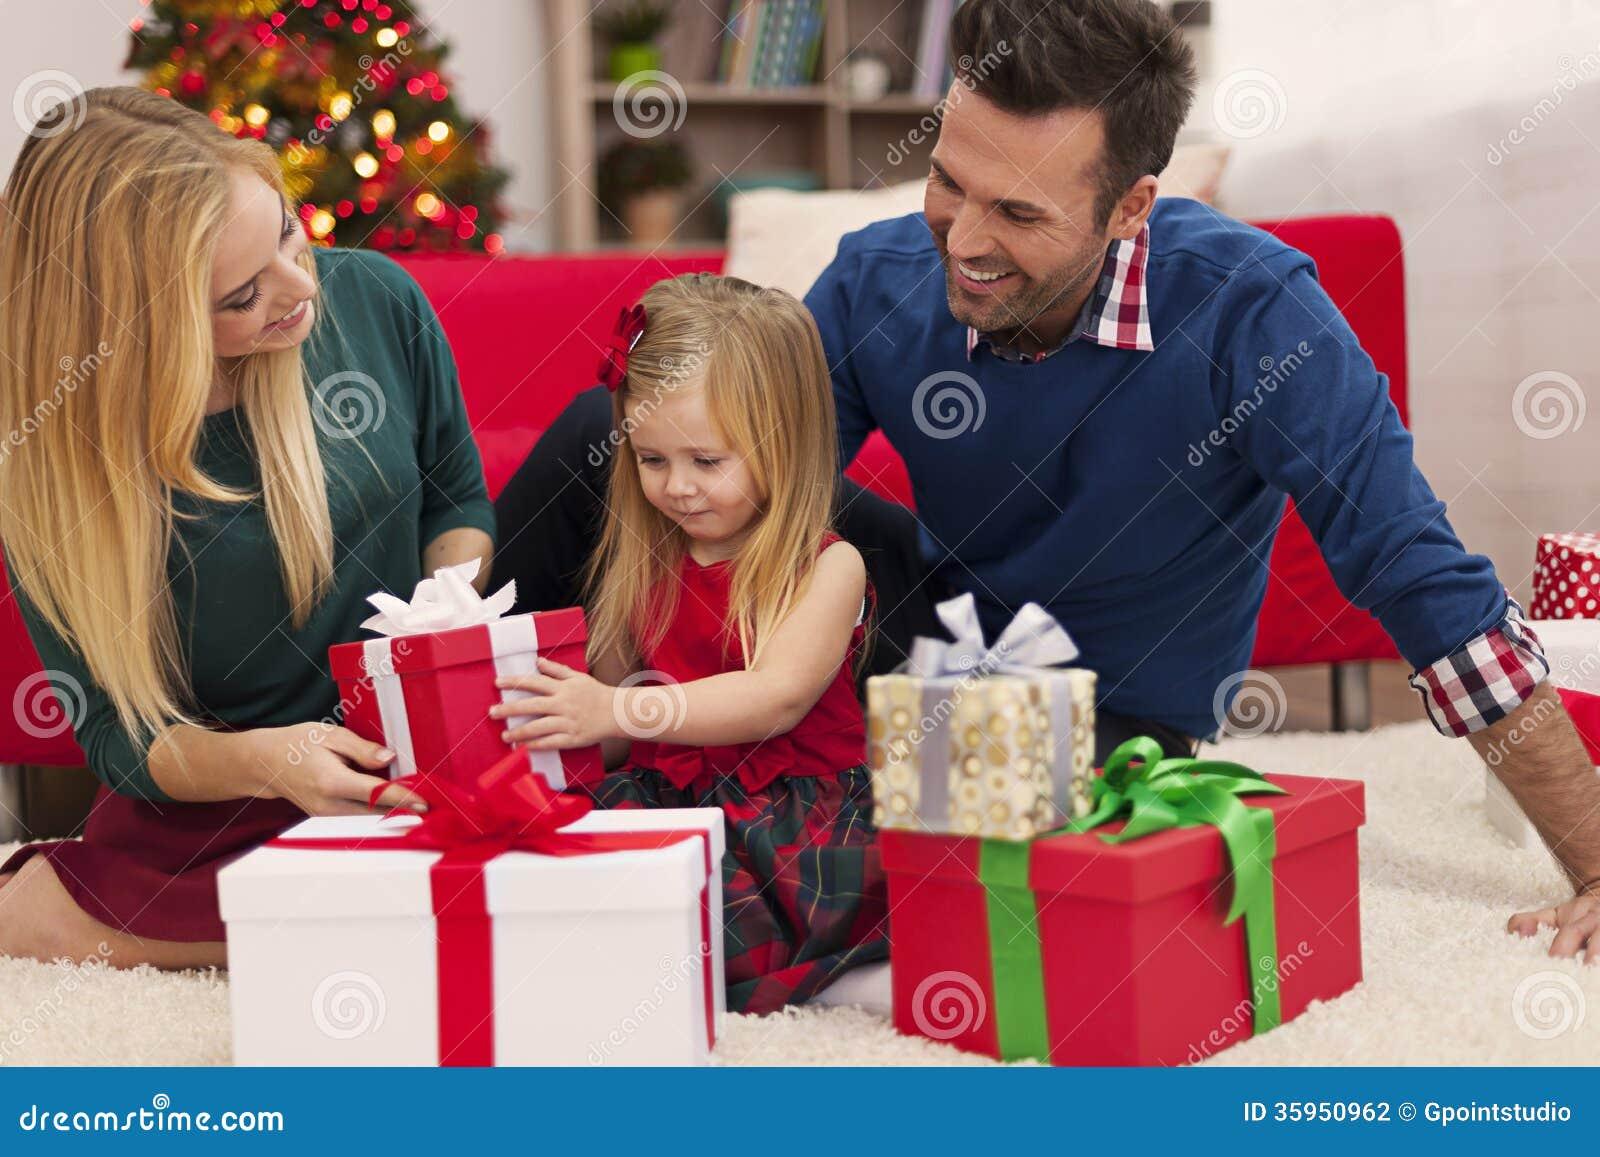 Es hora de abrir los regalos